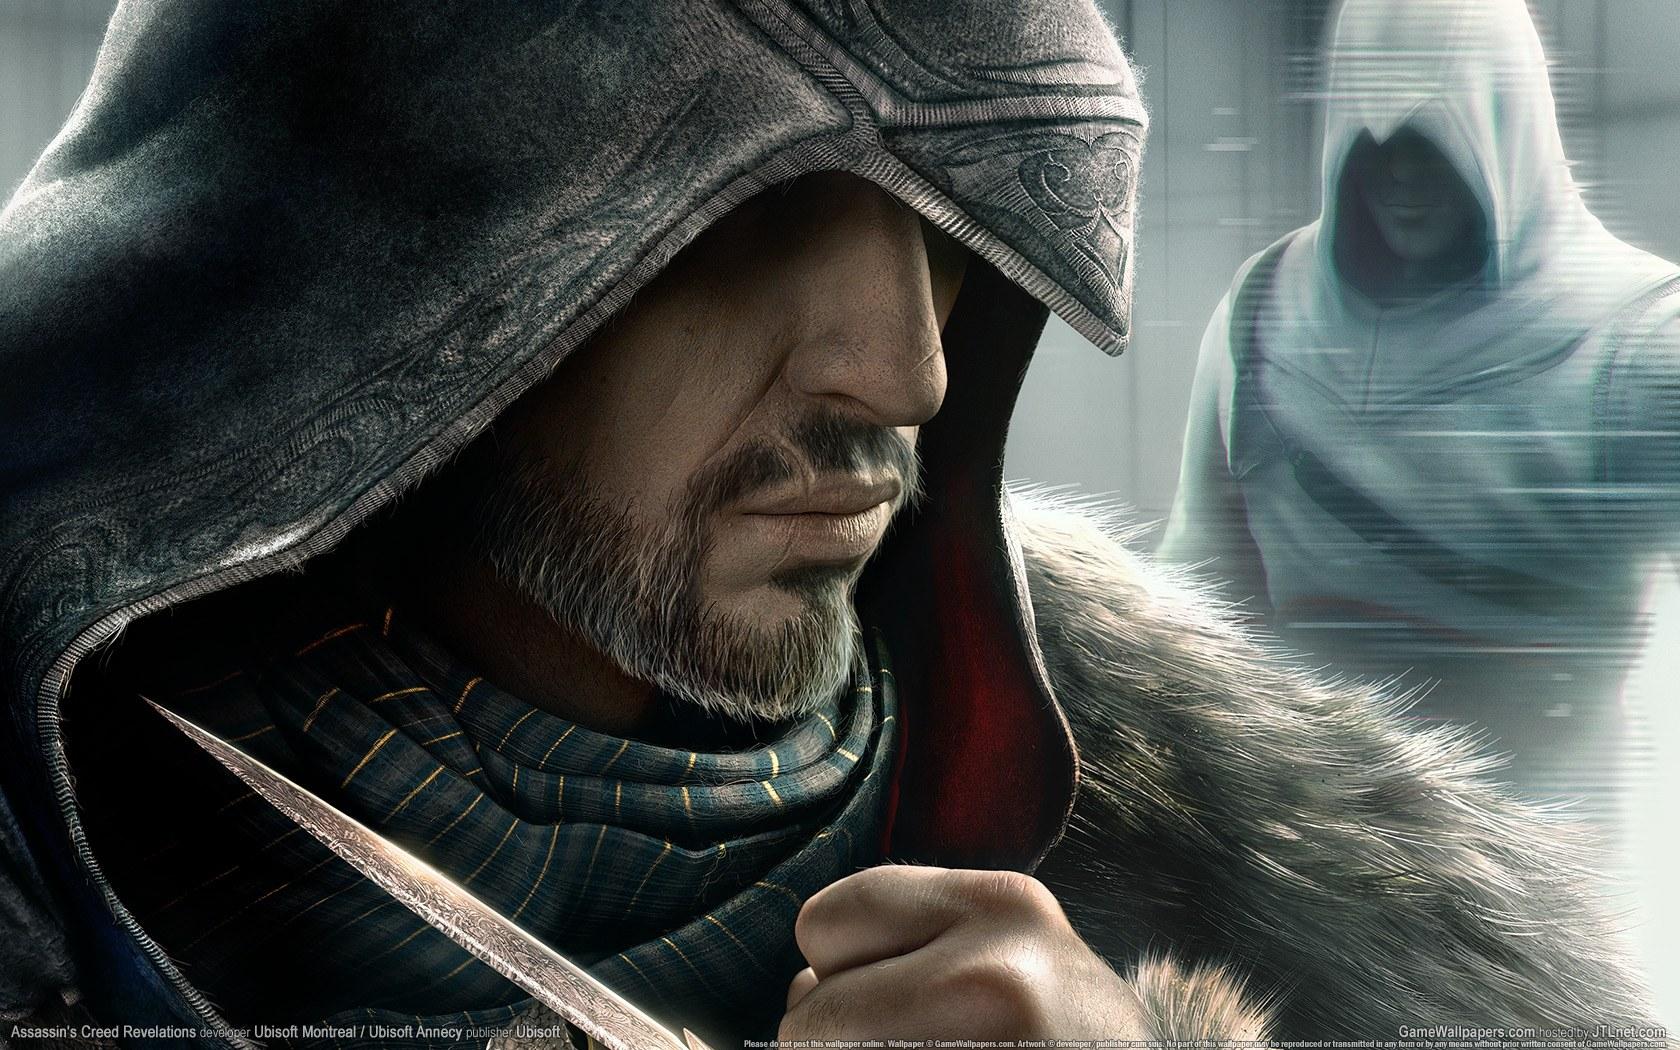 Assassin's Creed 3 podría ambientarse en el antiguo Egipto [Rumores]